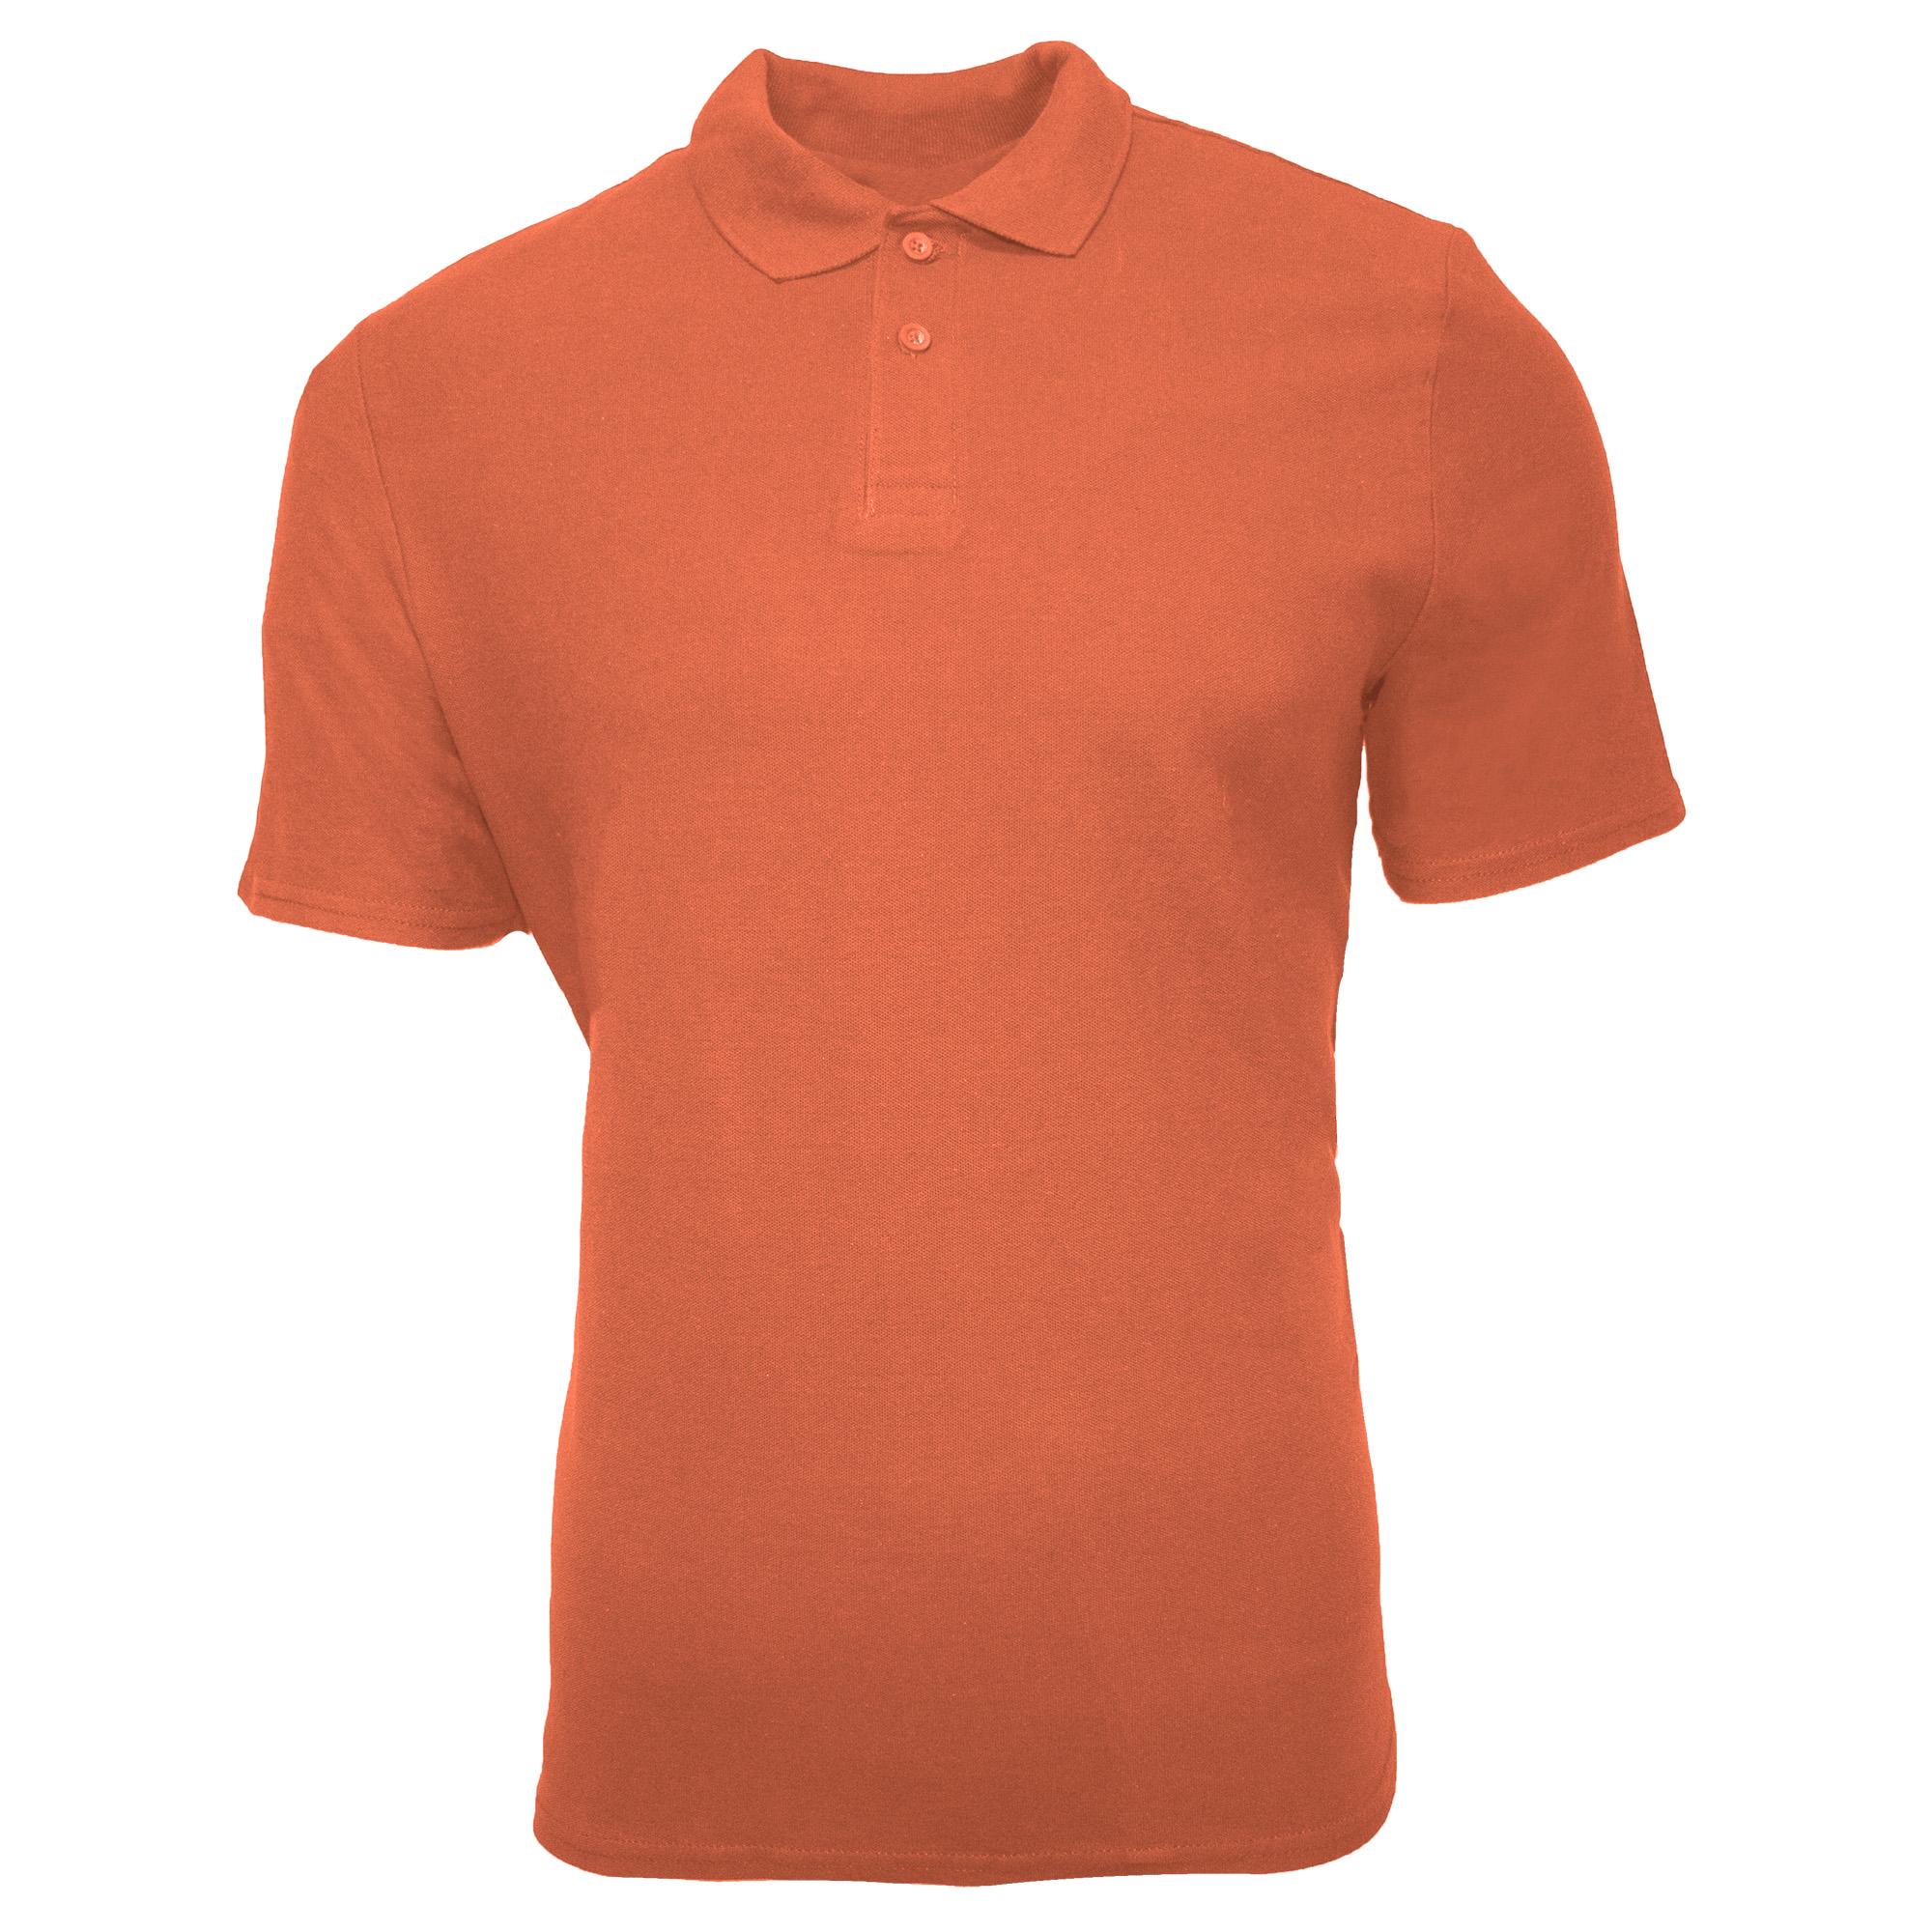 Gildan Mens SoftStyle Double Pique Polo Shirt (4XL) (Bright Salmon)